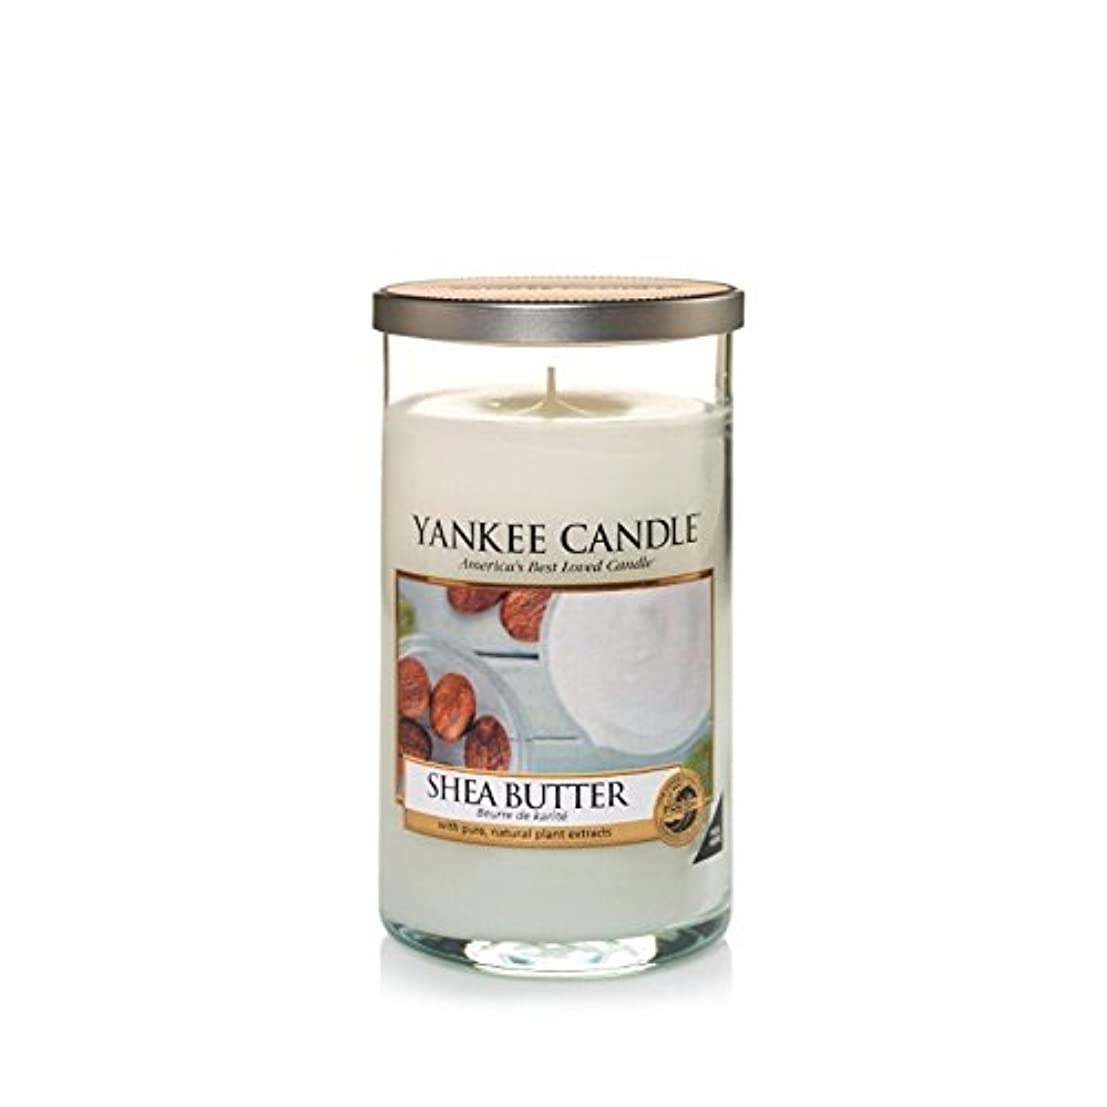 コード実装する足音Yankee Candles Medium Pillar Candle - Shea Butter (Pack of 2) - ヤンキーキャンドルメディアピラーキャンドル - シアバター (x2) [並行輸入品]